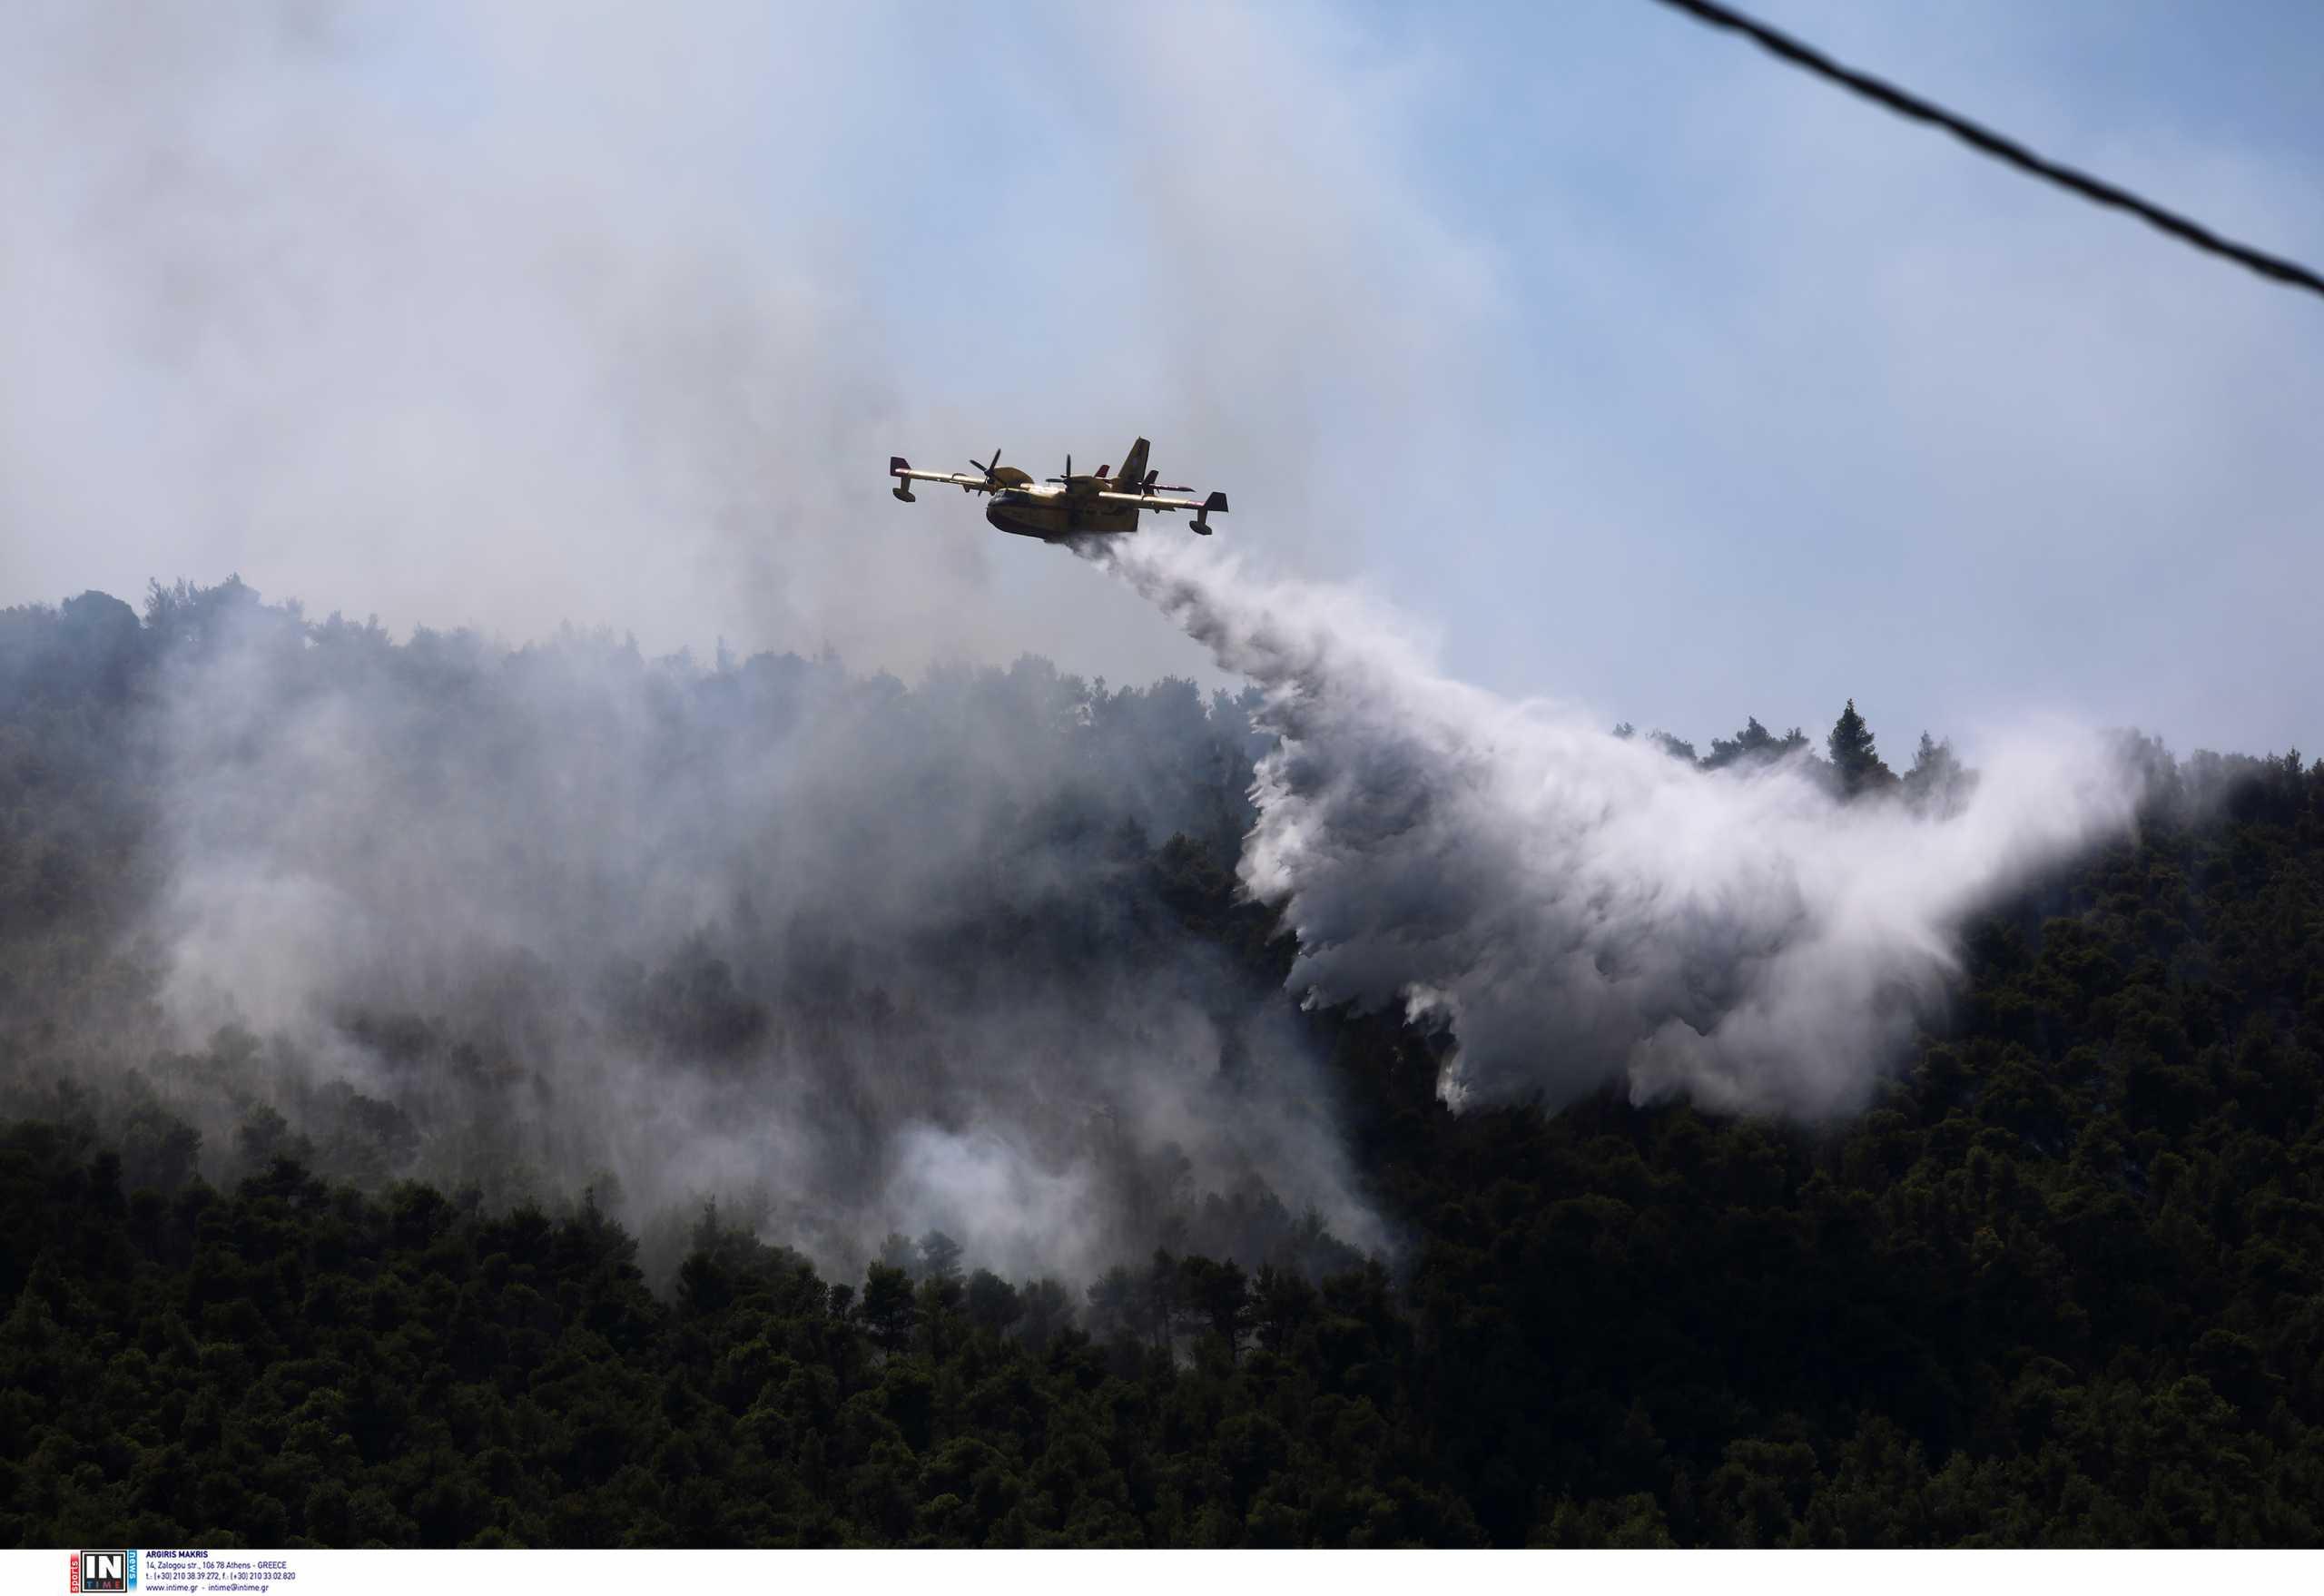 Φωτιά στη Μαγνησία: Επίγειες και εναέριες δυνάμεις πολεμούν εστίες στις Μικροθήβες